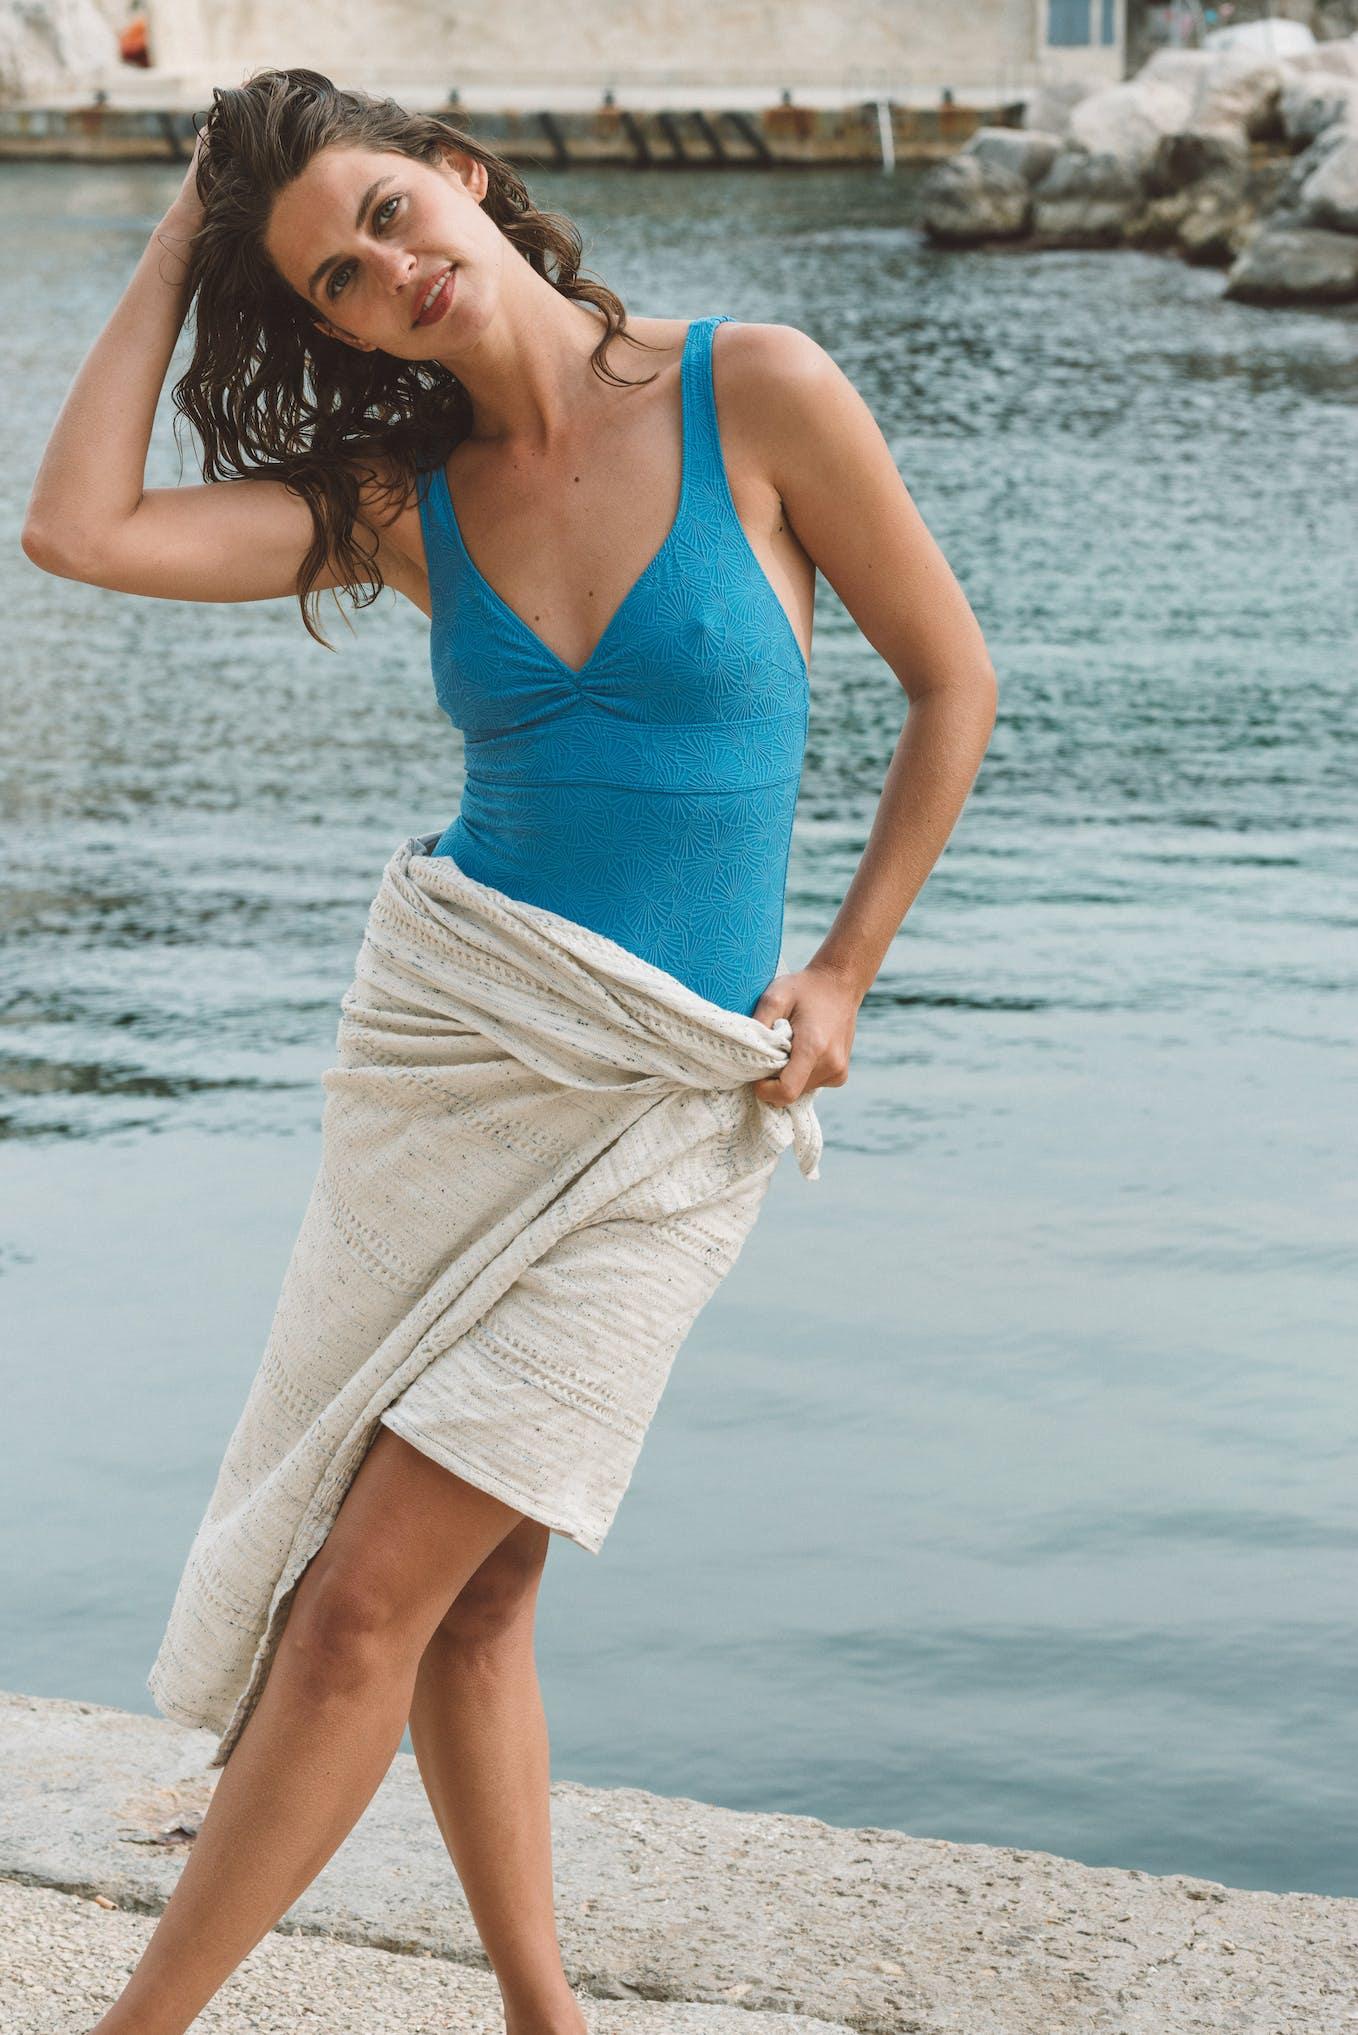 Swimsuit Baiser coquillage Azure blue